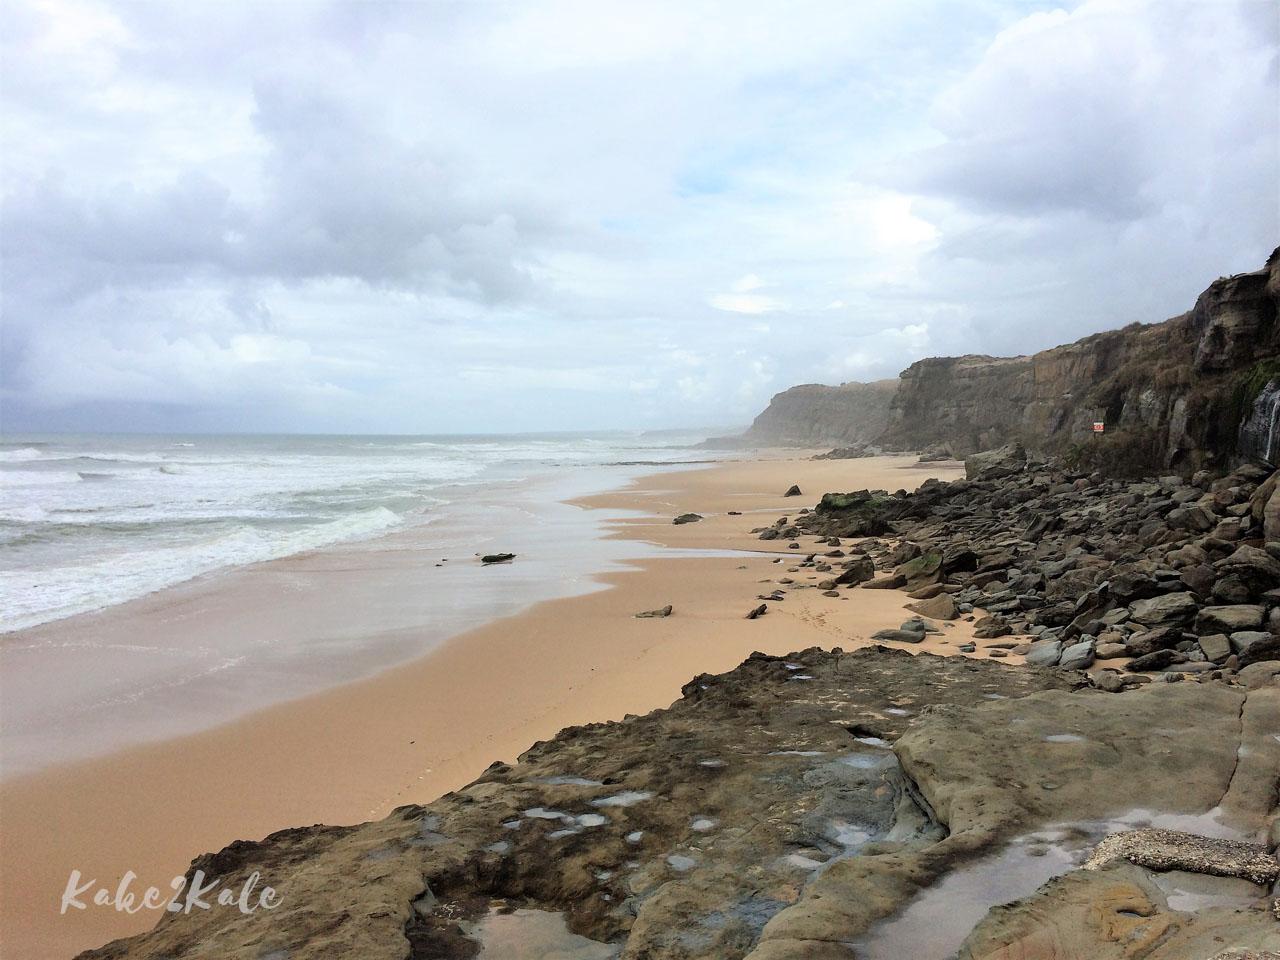 Kake2Kale Wild Coast Portugal - Seixo Beach (Santa Cruz)